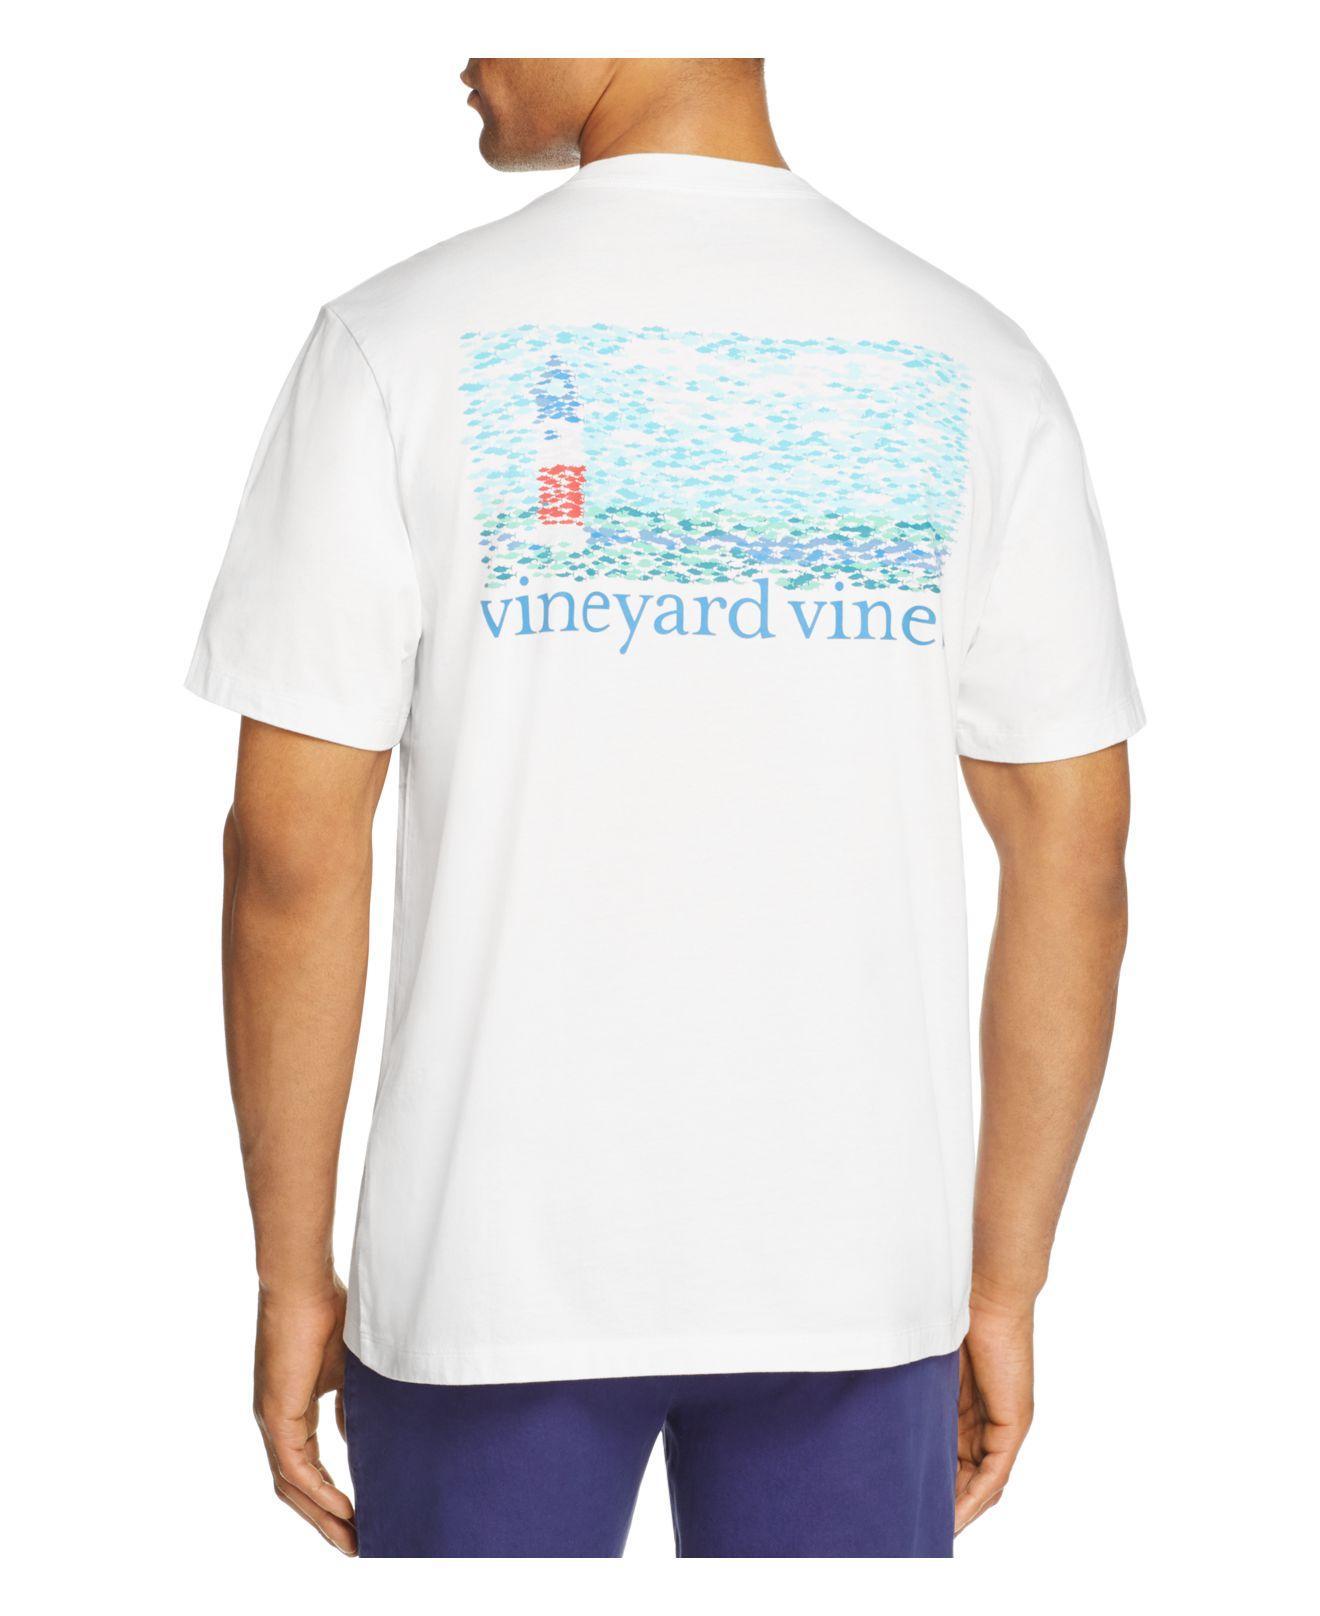 Vineyard vines lighthouse fish pocket tee in white for men for Vineyard vines fishing shirt